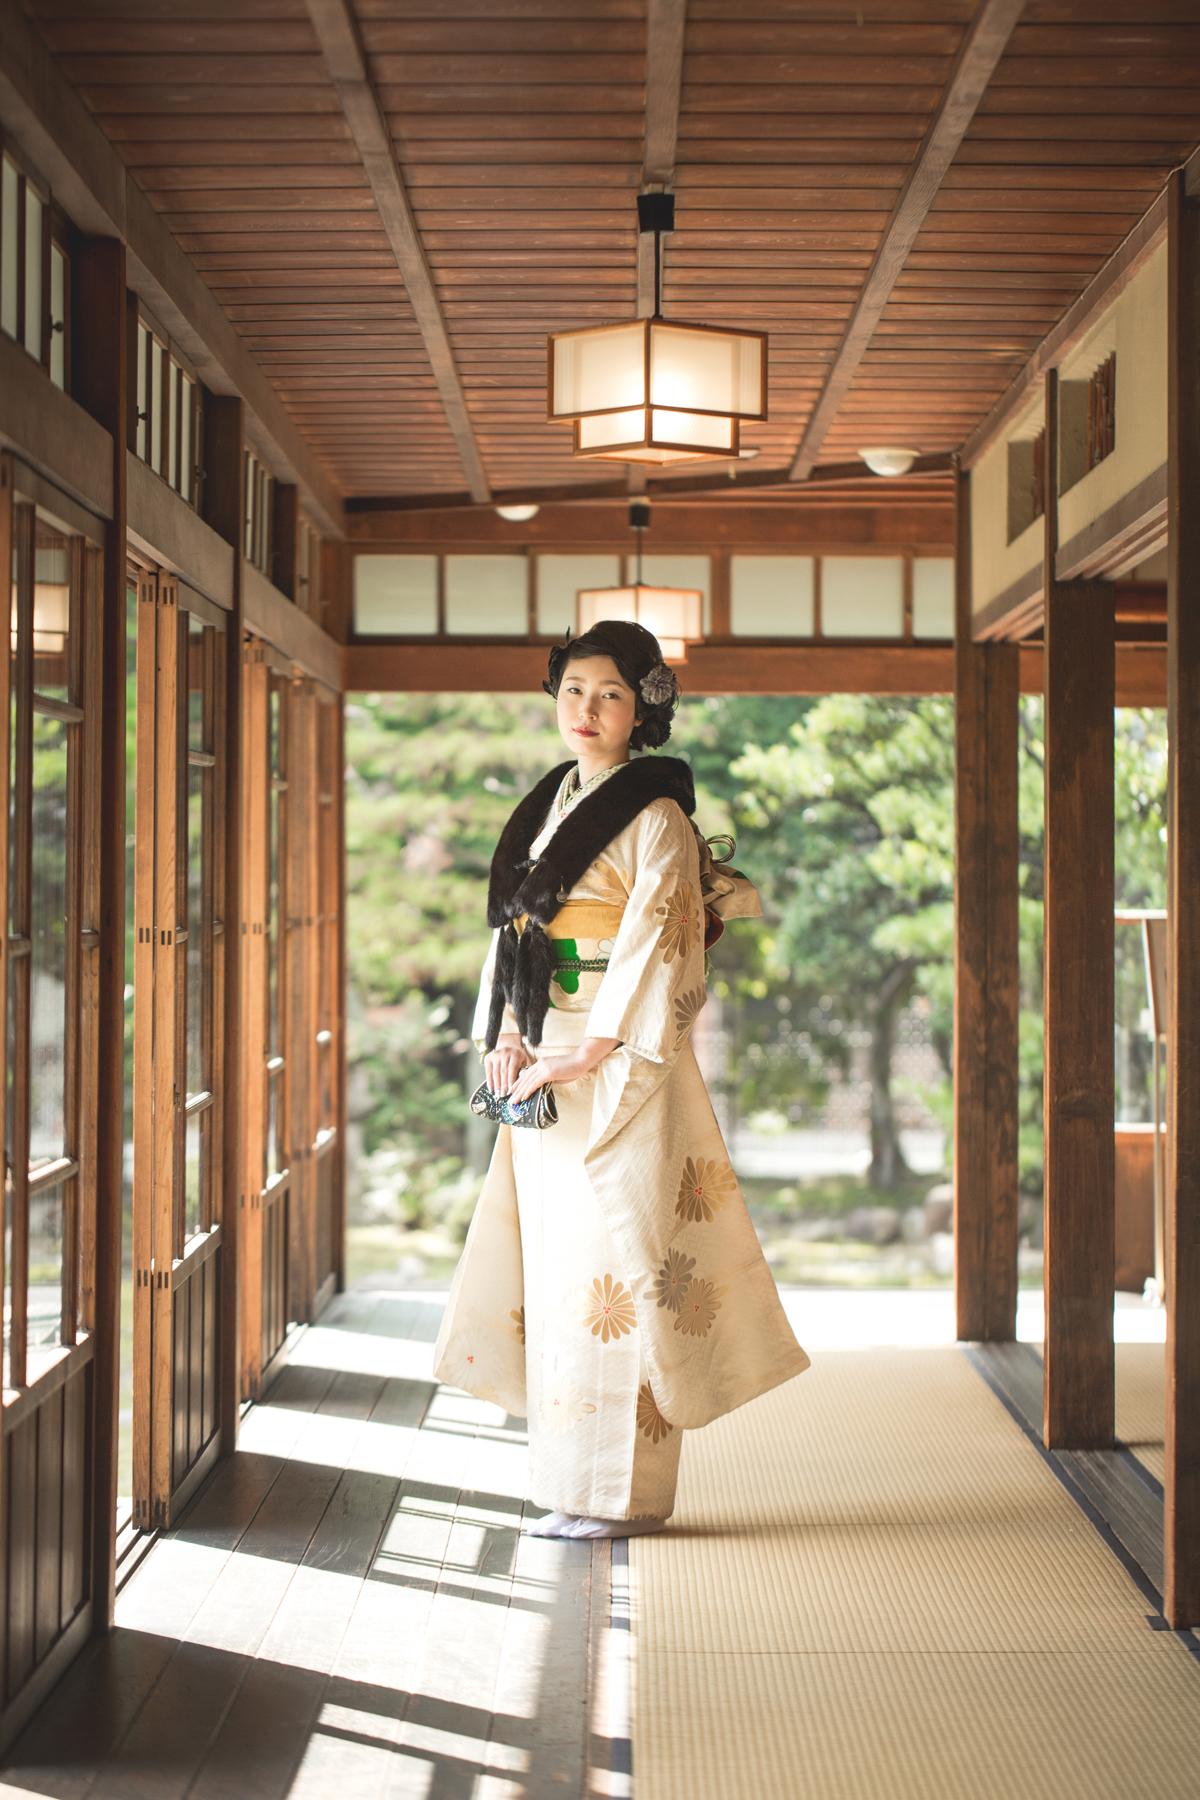 滋賀県長浜市の慶雲館で成人式前撮り撮影